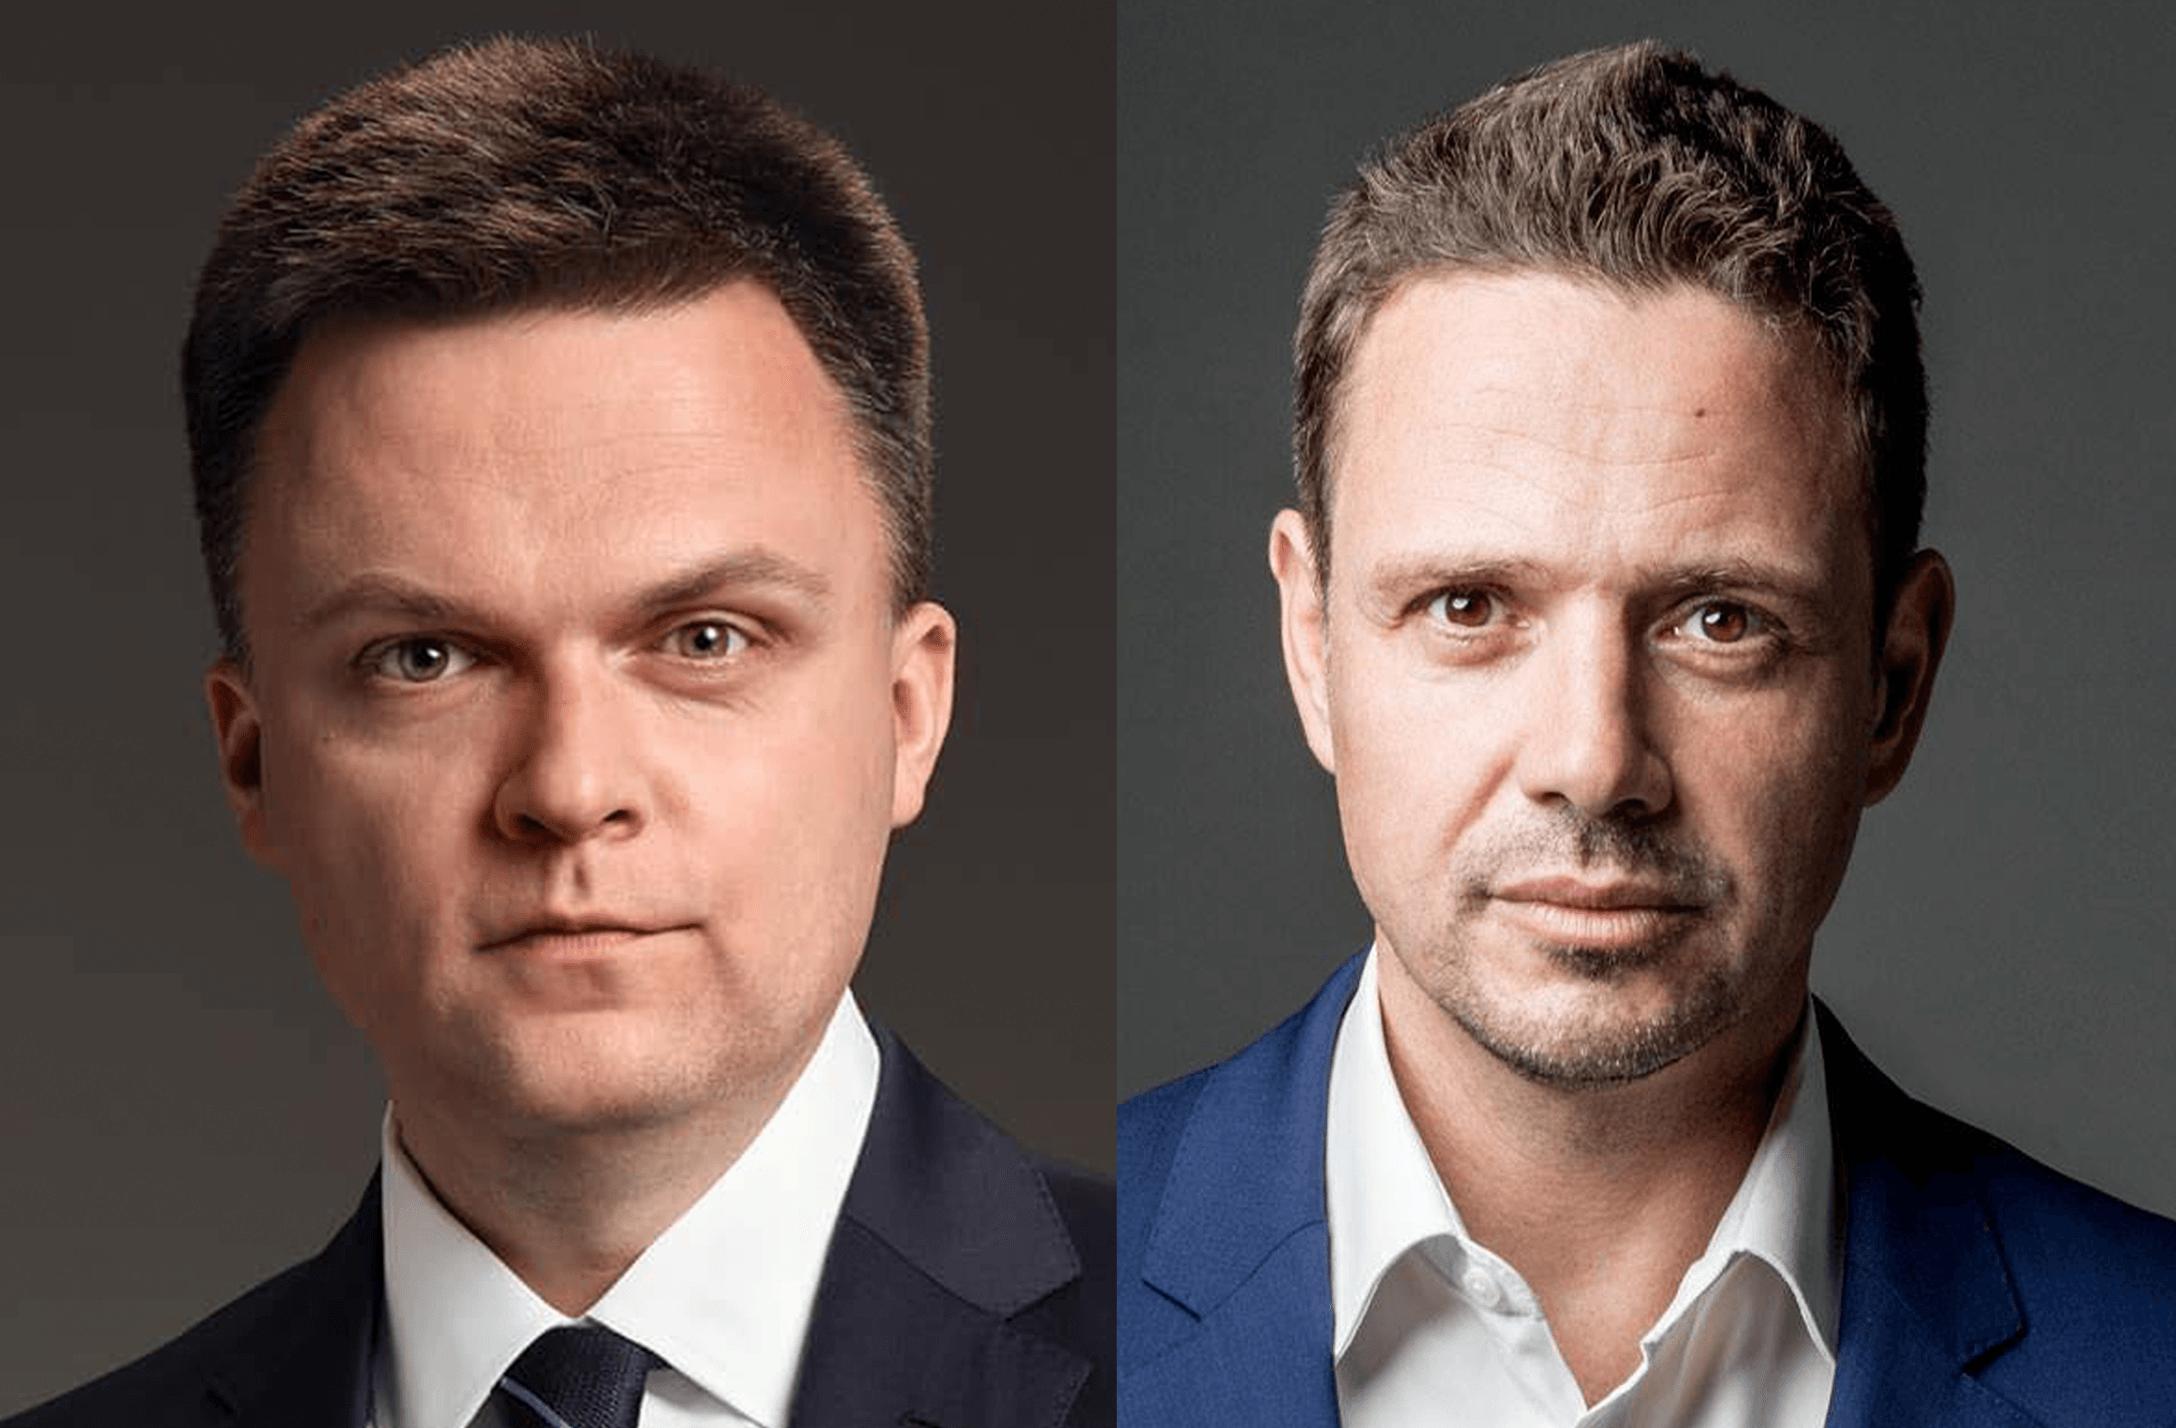 Agregat sondaży: Hołownia od tygodni traci, Trzaskowski na fali